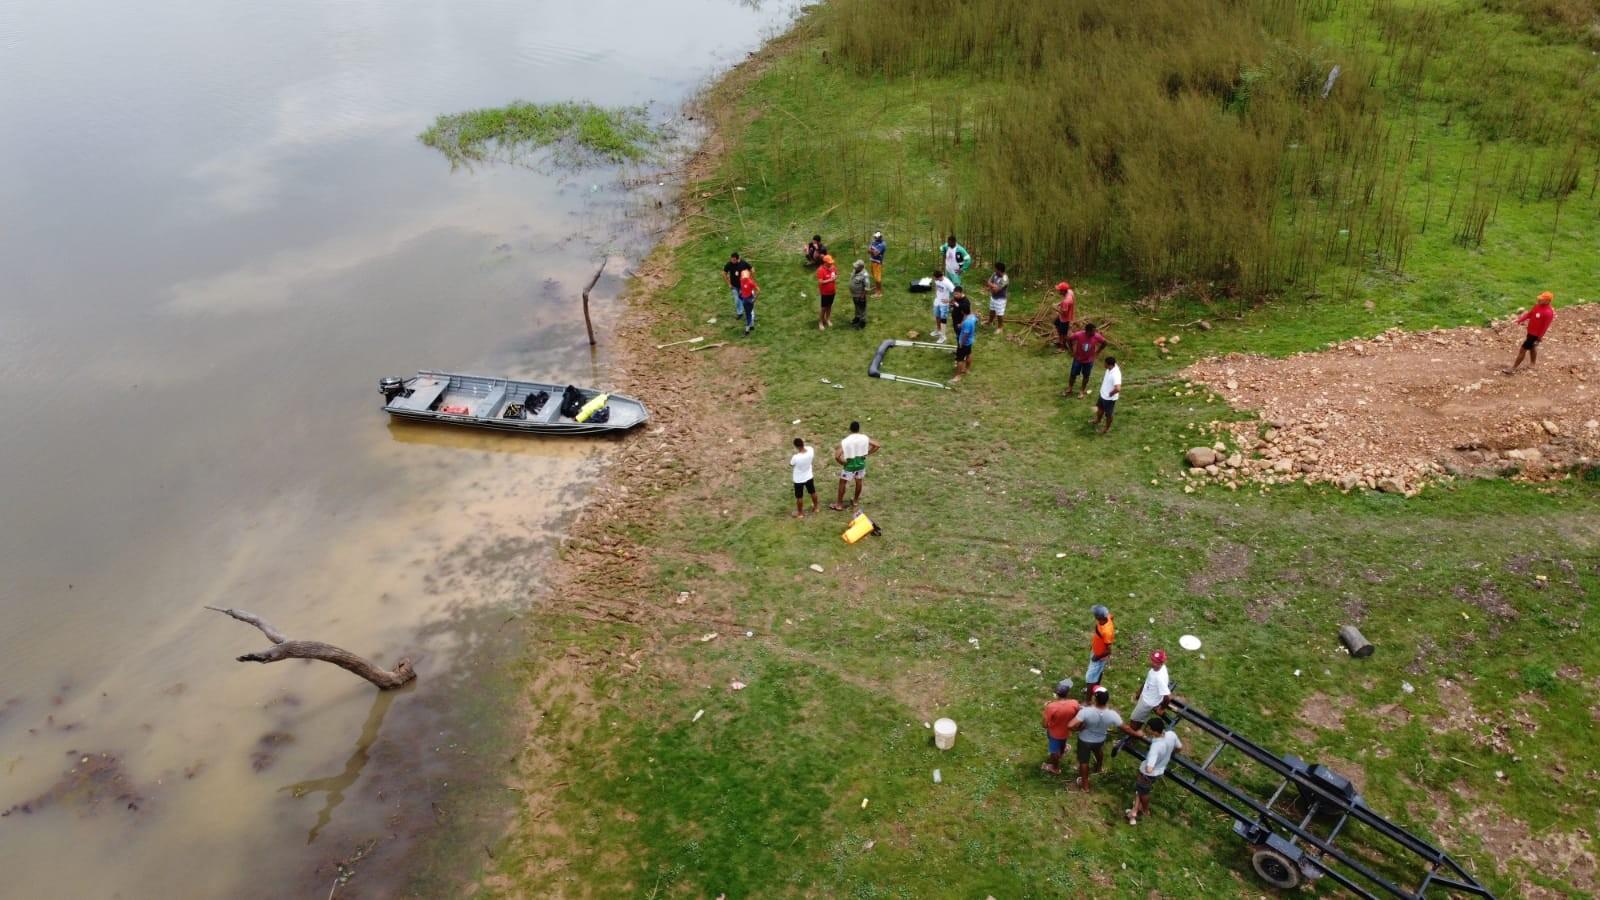 Marinha investiga acidente com canoa que afundou e deixou 4 mortos no rio Parnaíba, no Sul do Piauí